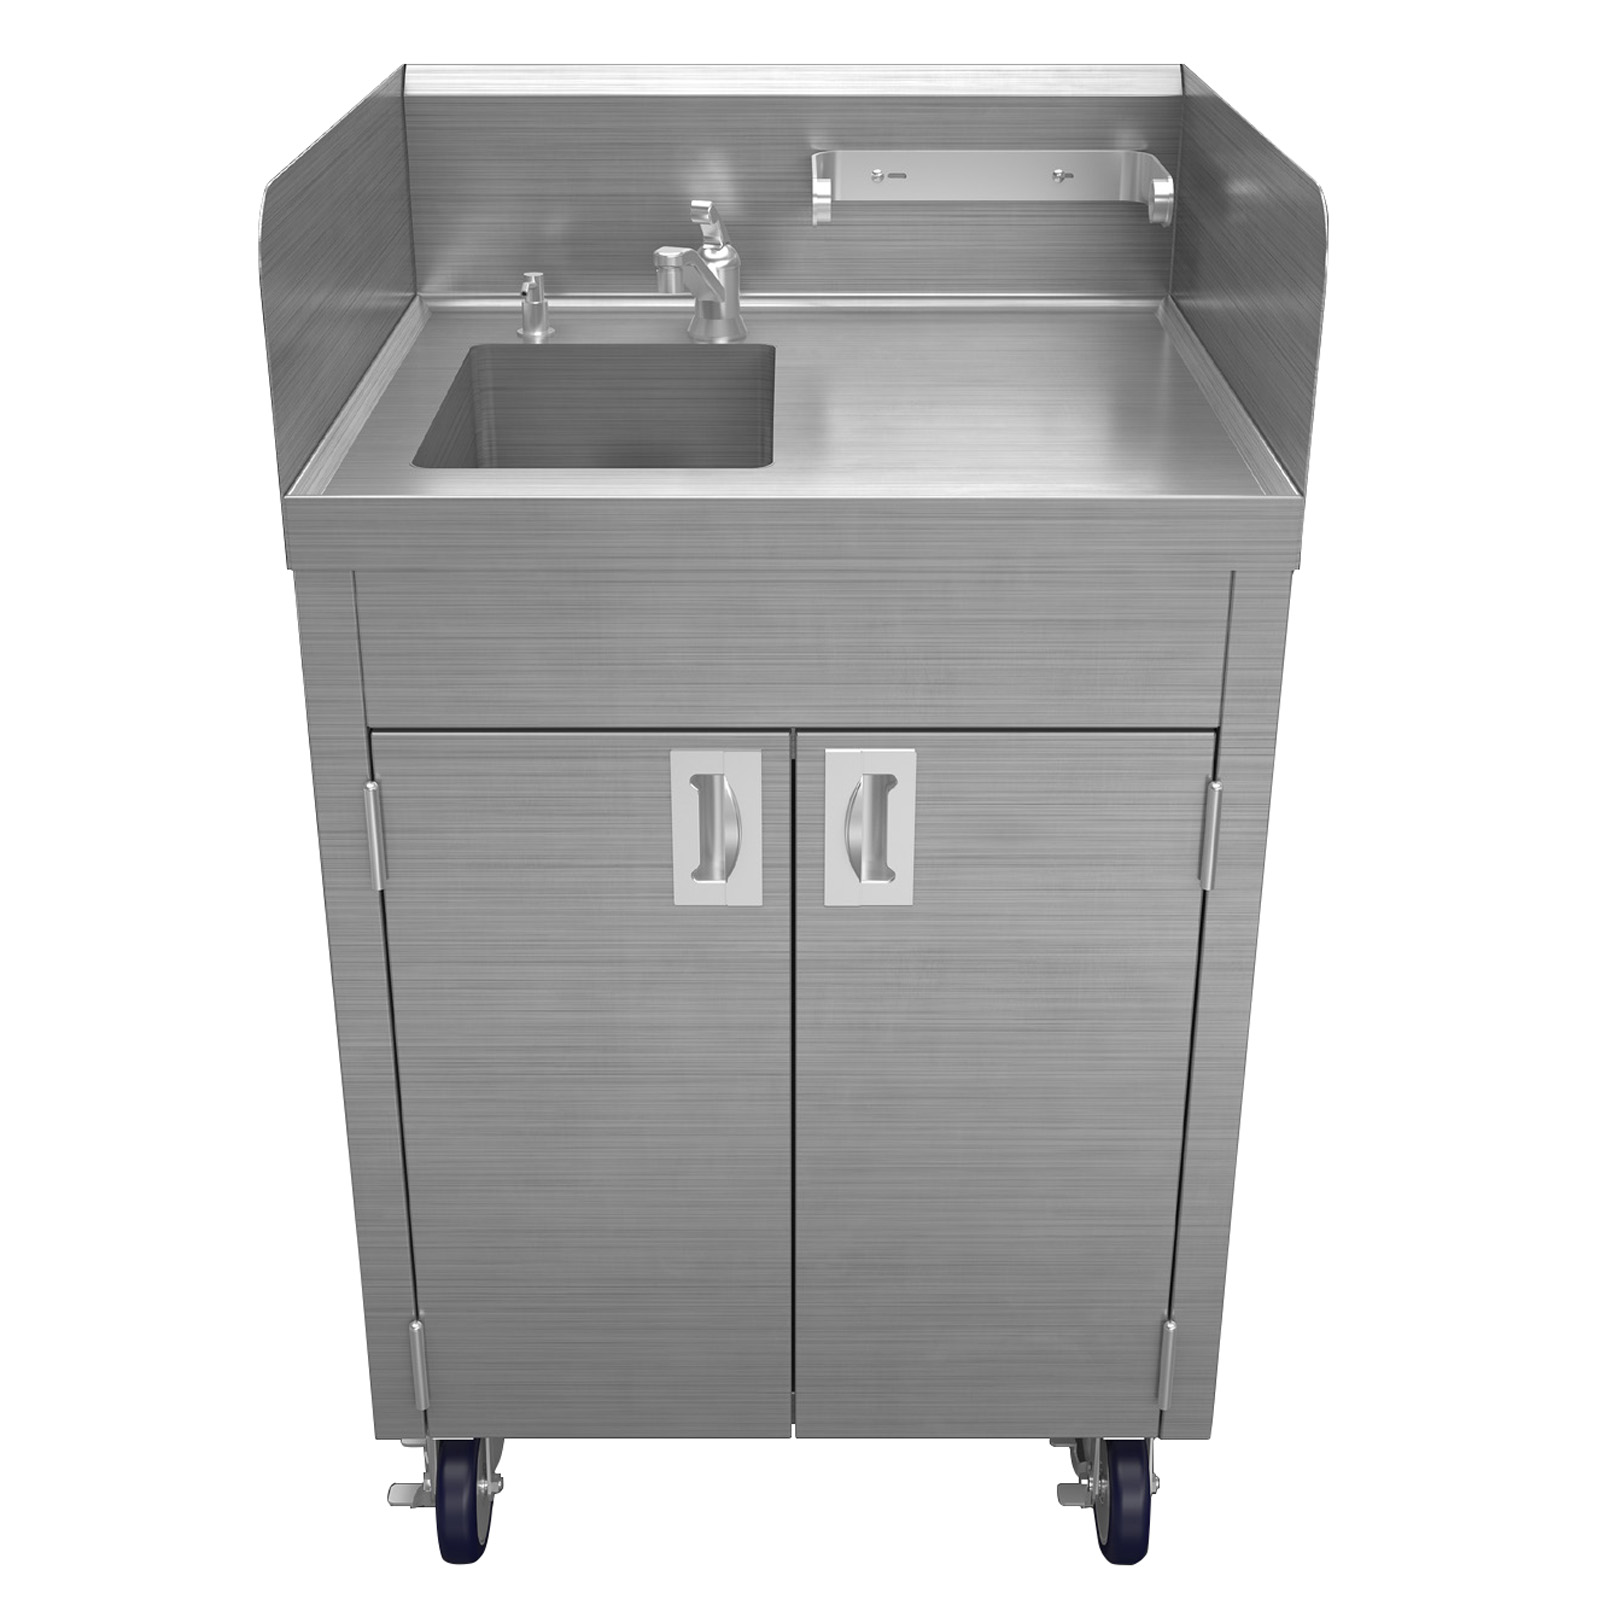 Winholt Equipment STCT-BHD2436PUMP sink, hand